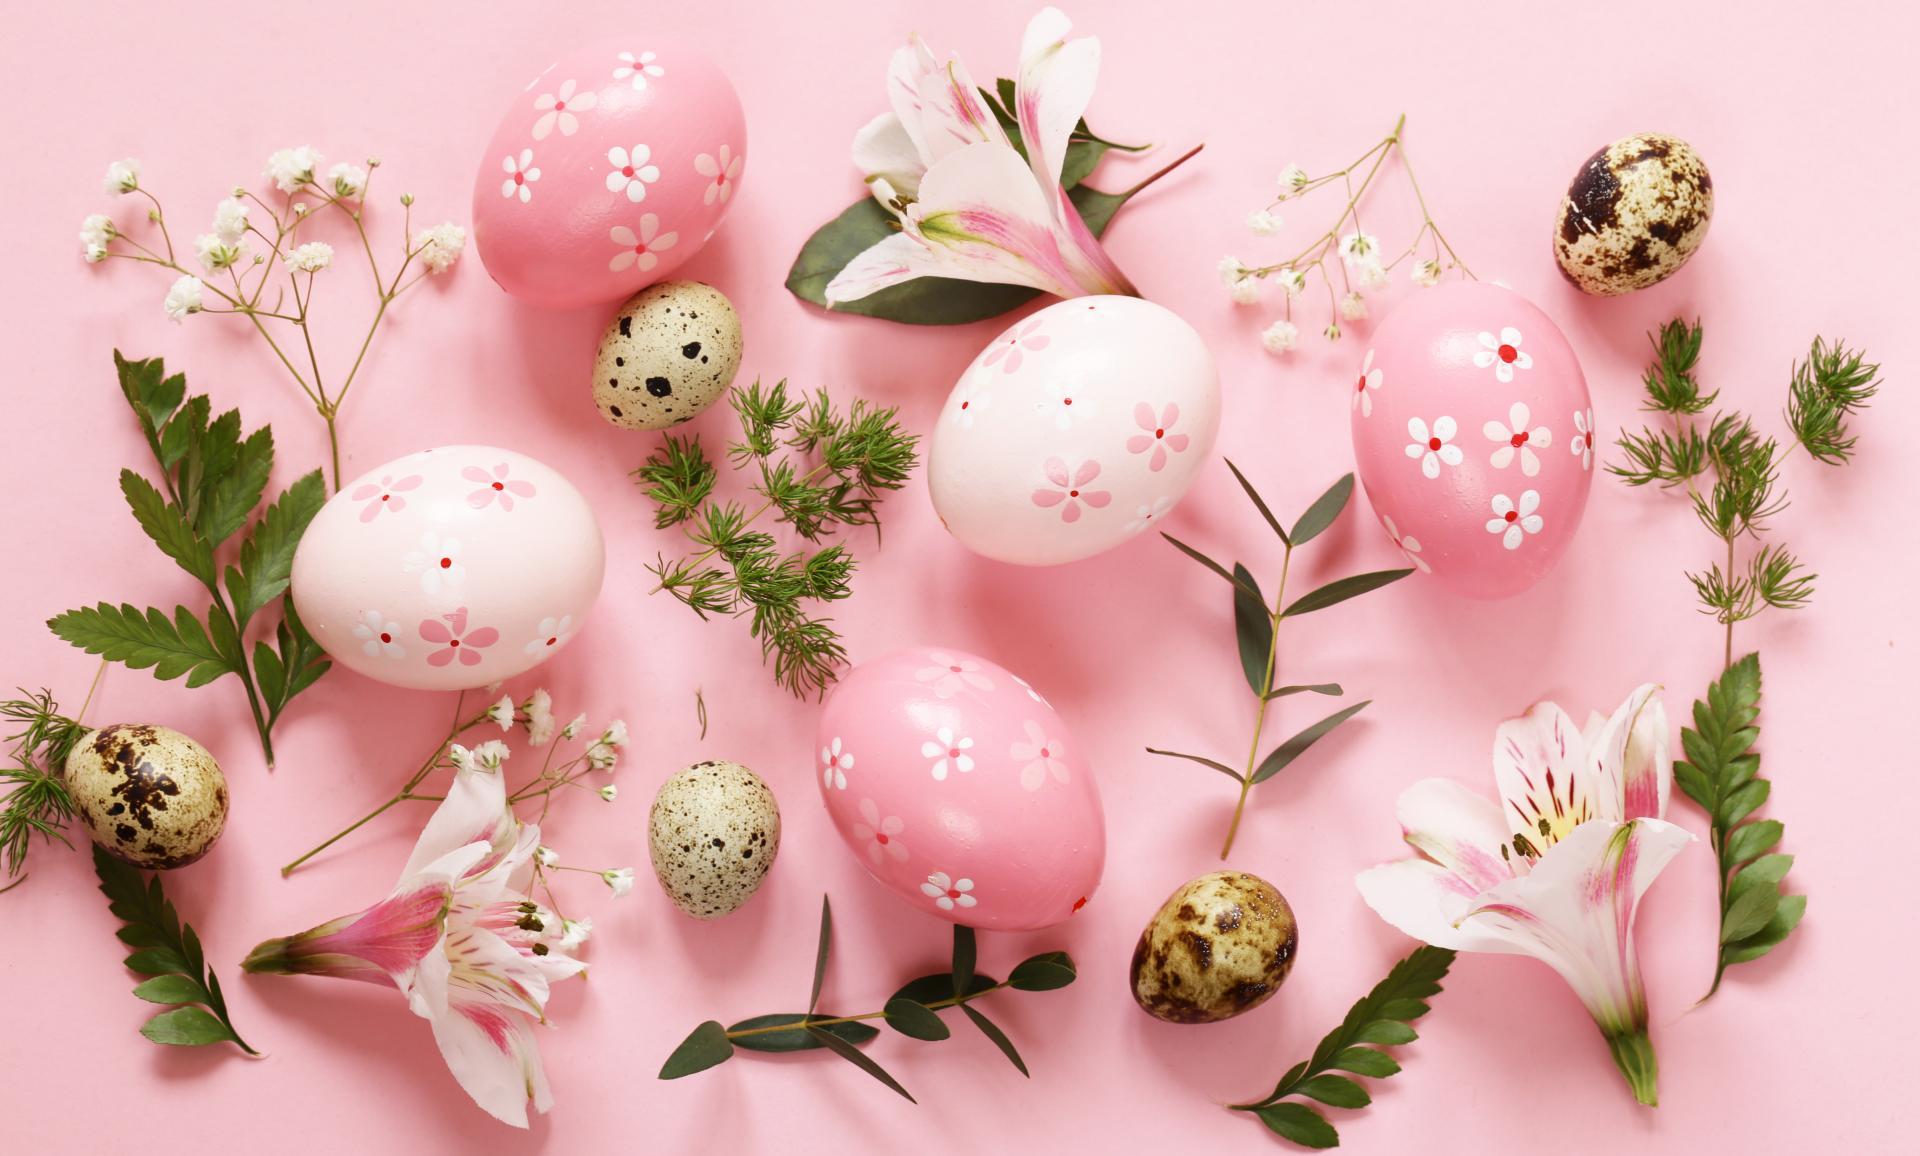 Życzenia na Wielkanoc 2021 roku   - zobacz więcej